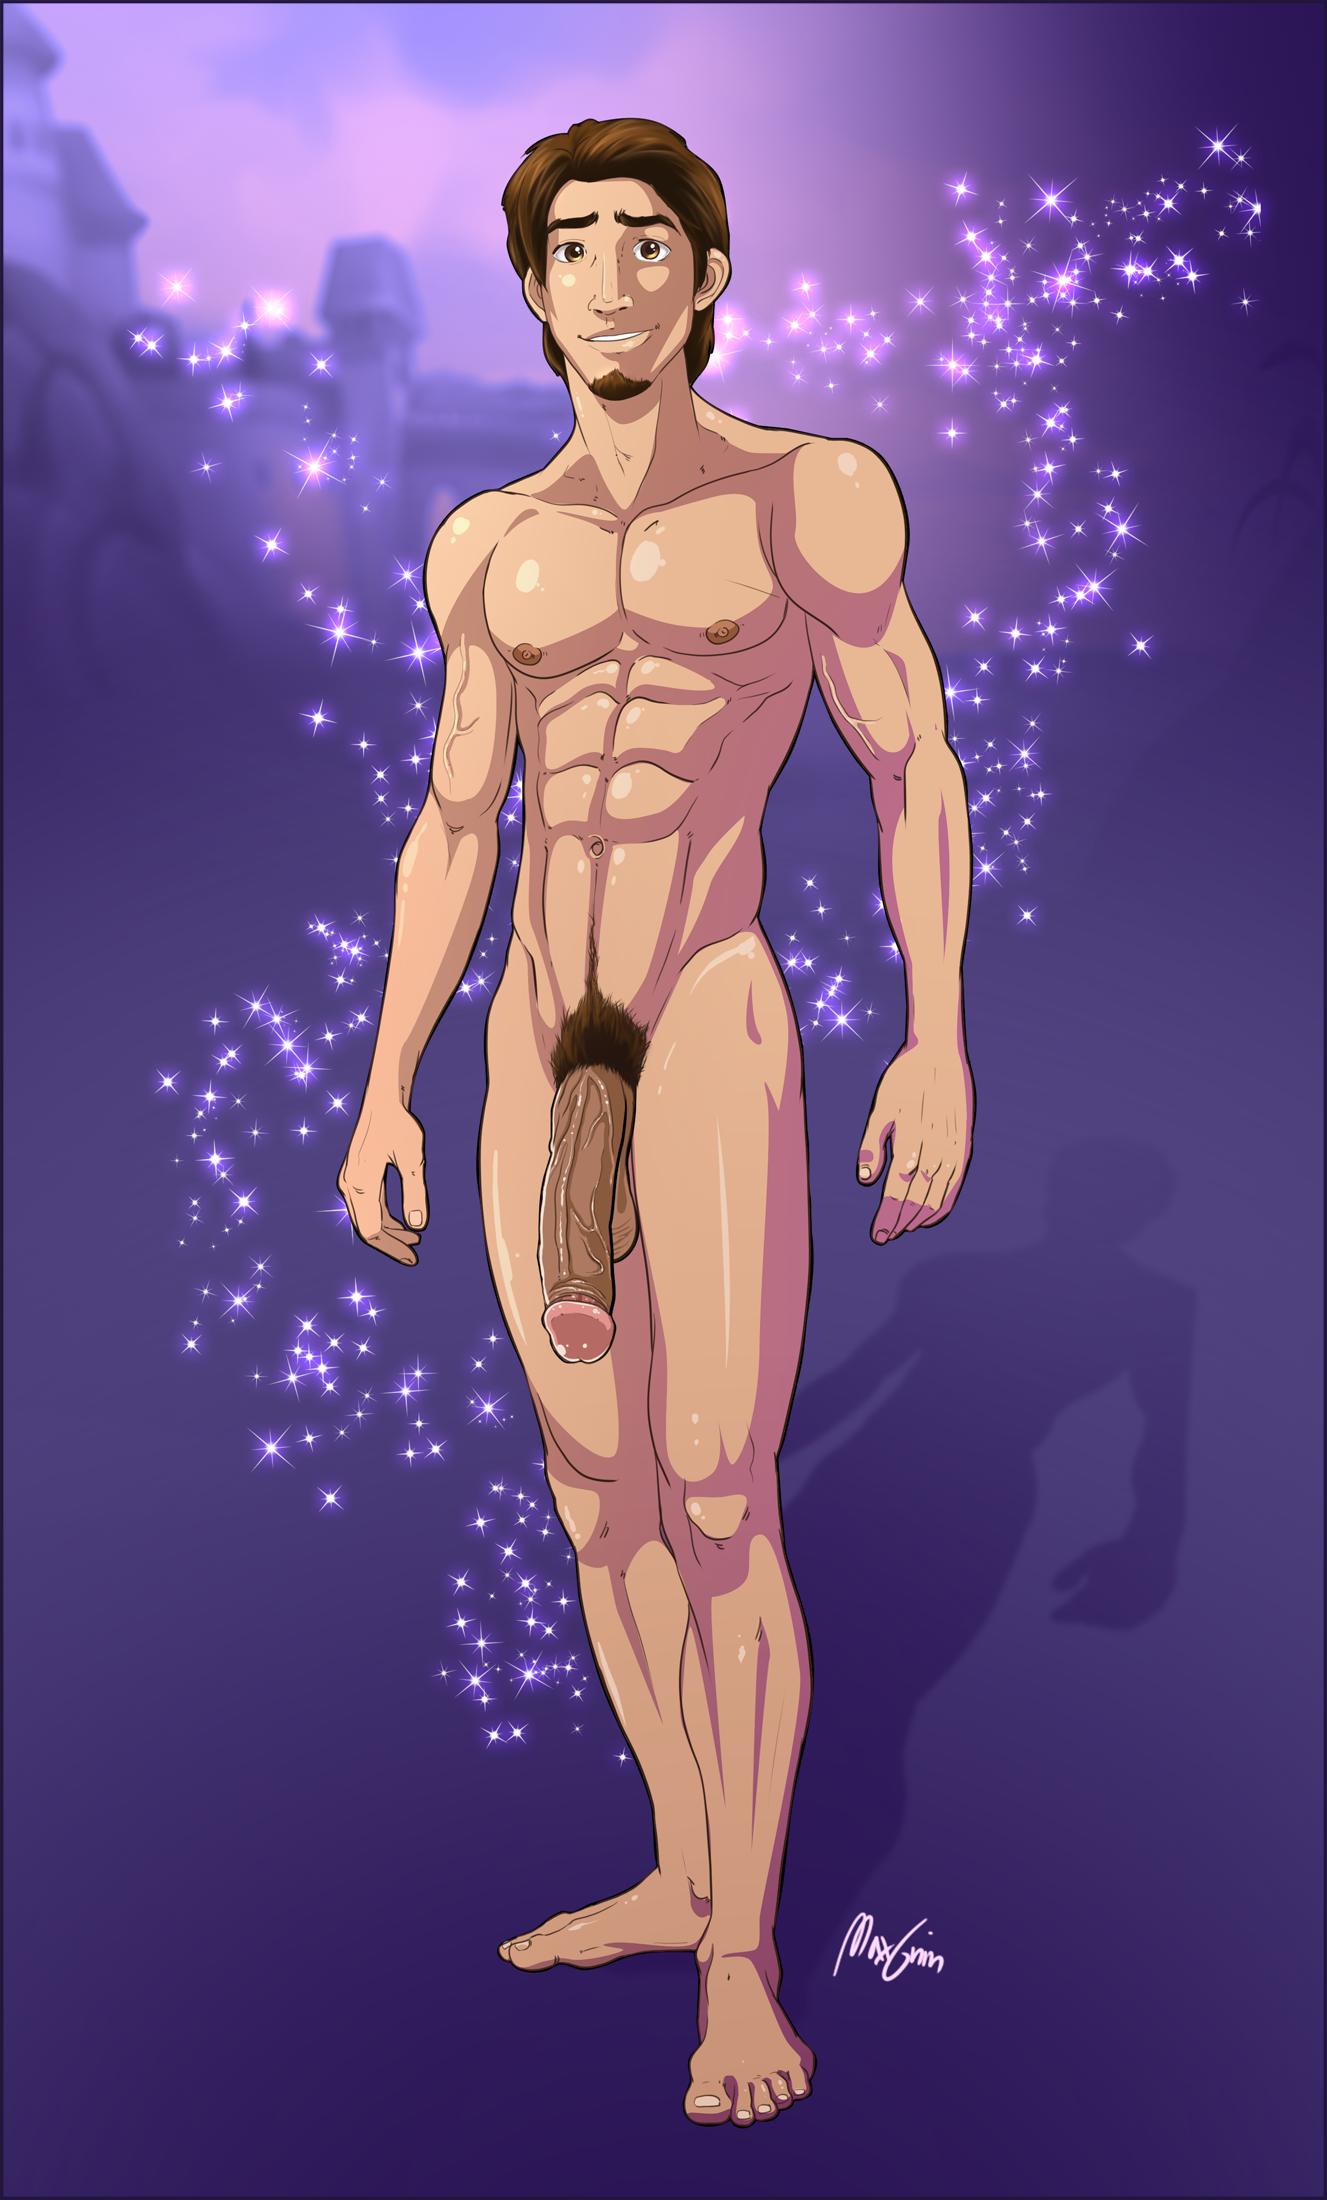 Flynn rider naked